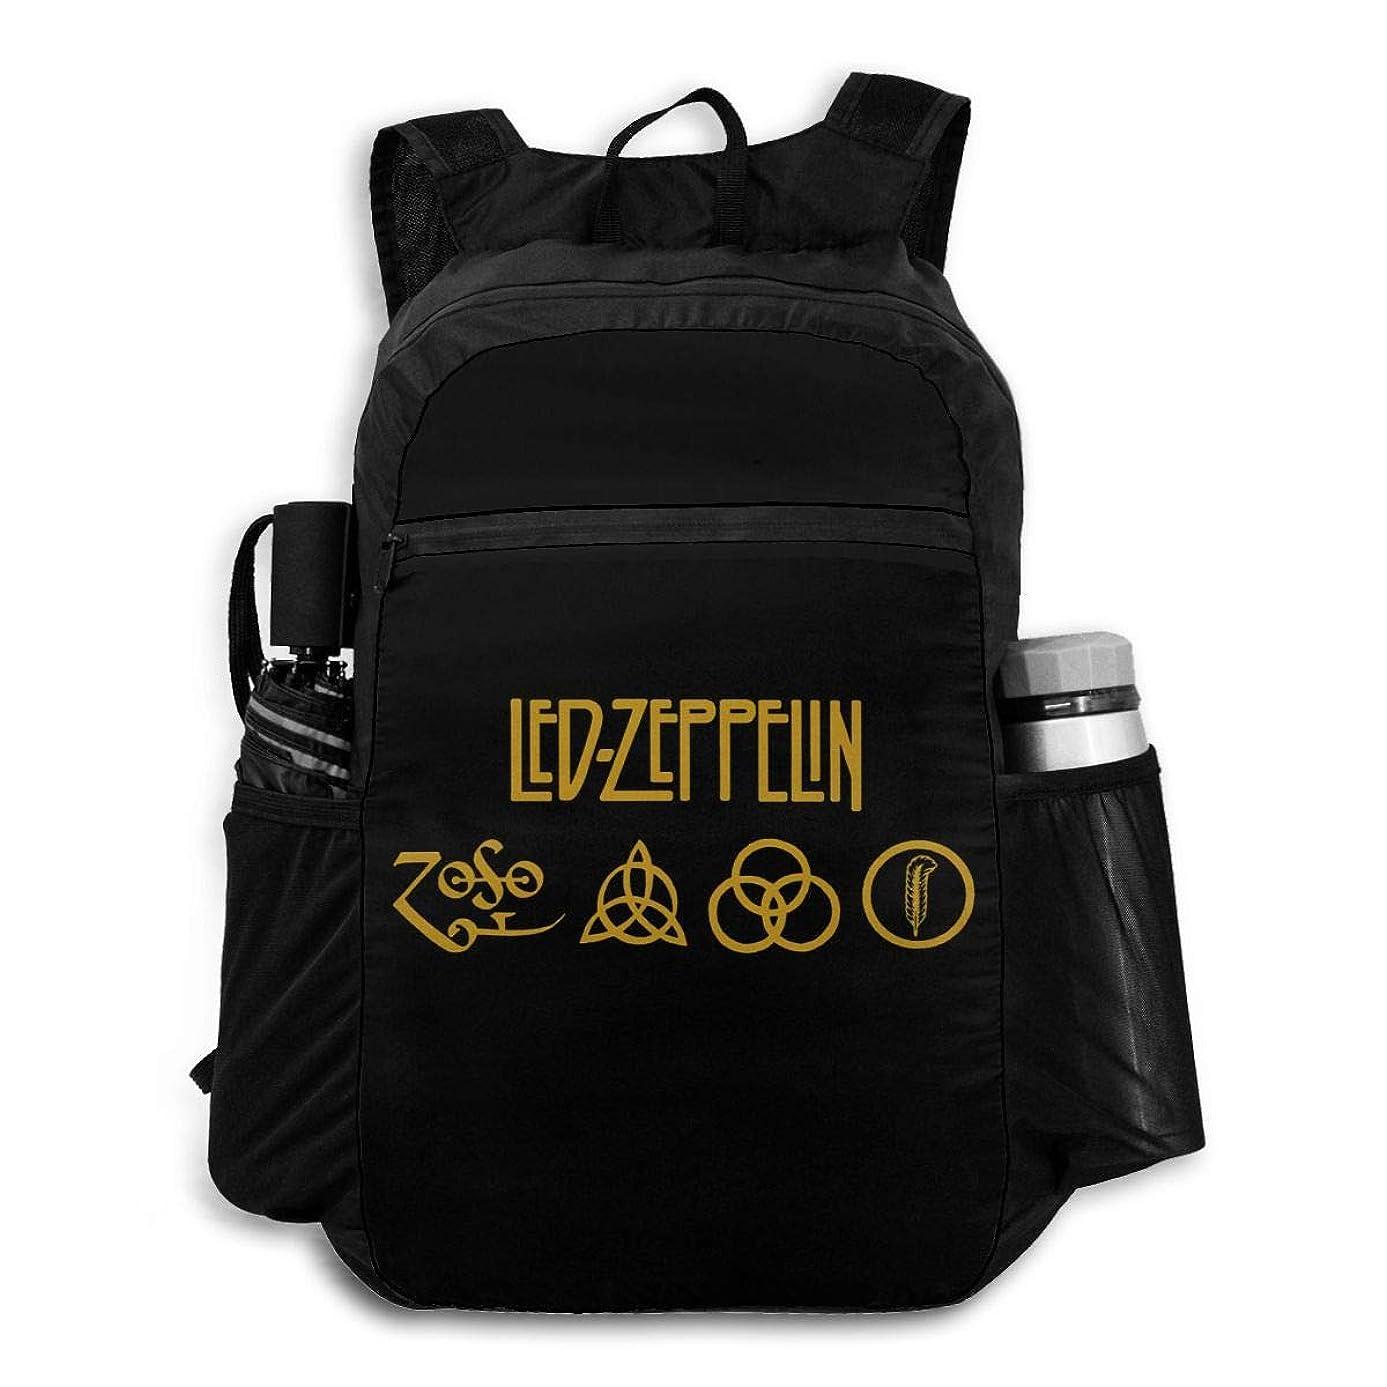 多数の中性かすかな折り畳み式パックバック アウトドアバックパック 超軽量 Led Zeppelin レッドツェッペリン (2) おしゃれ 大容量 防水 耐久性 収納ナップサック多機能 旅行 便利グッズ 買い物用 通学 通勤 登山 男女兼用